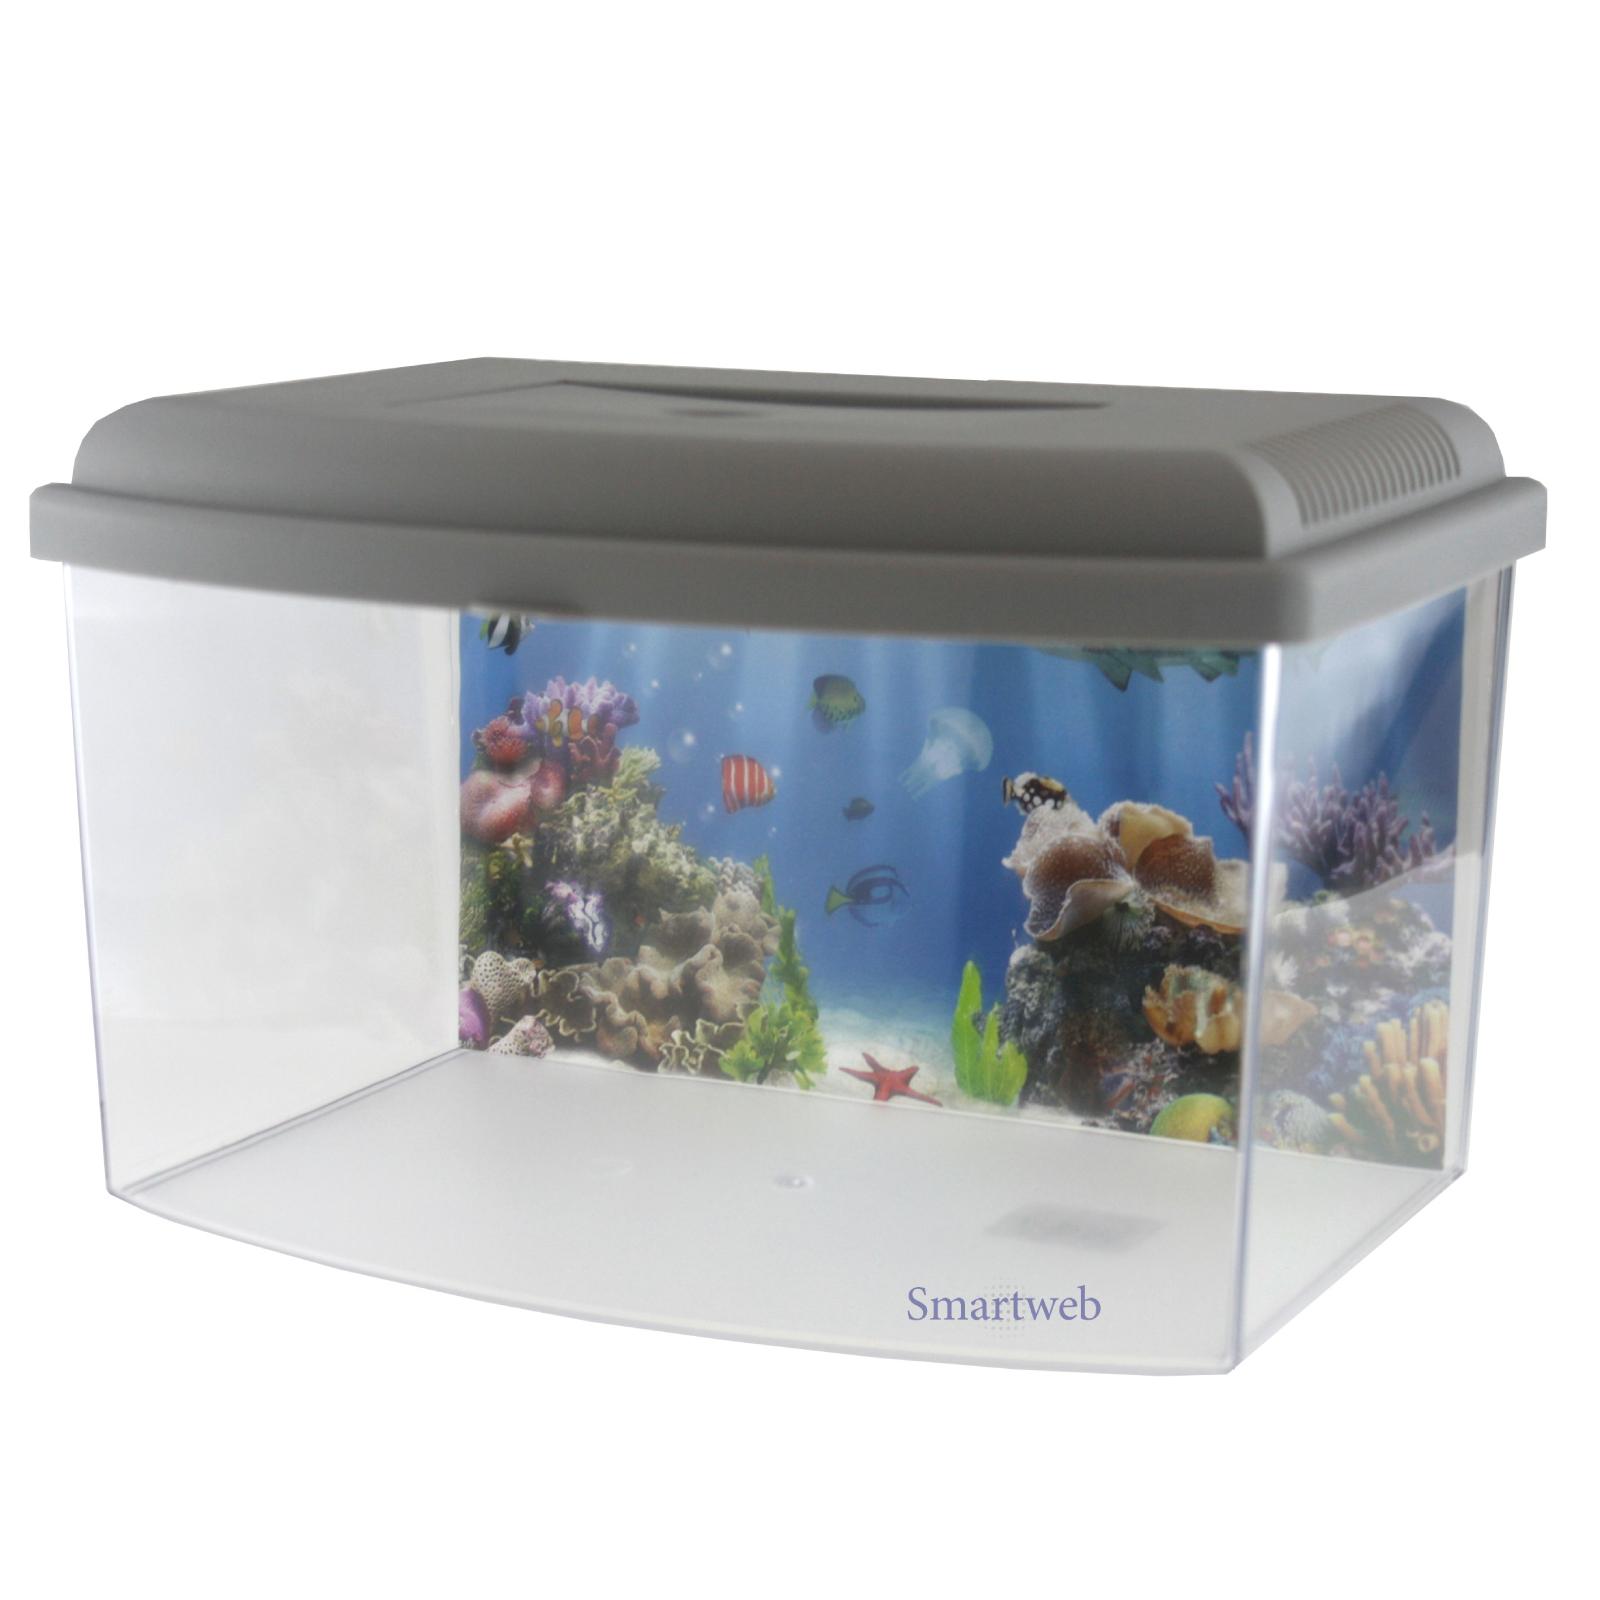 miniaquarium kinderaquarium terrarium transportbox fische. Black Bedroom Furniture Sets. Home Design Ideas